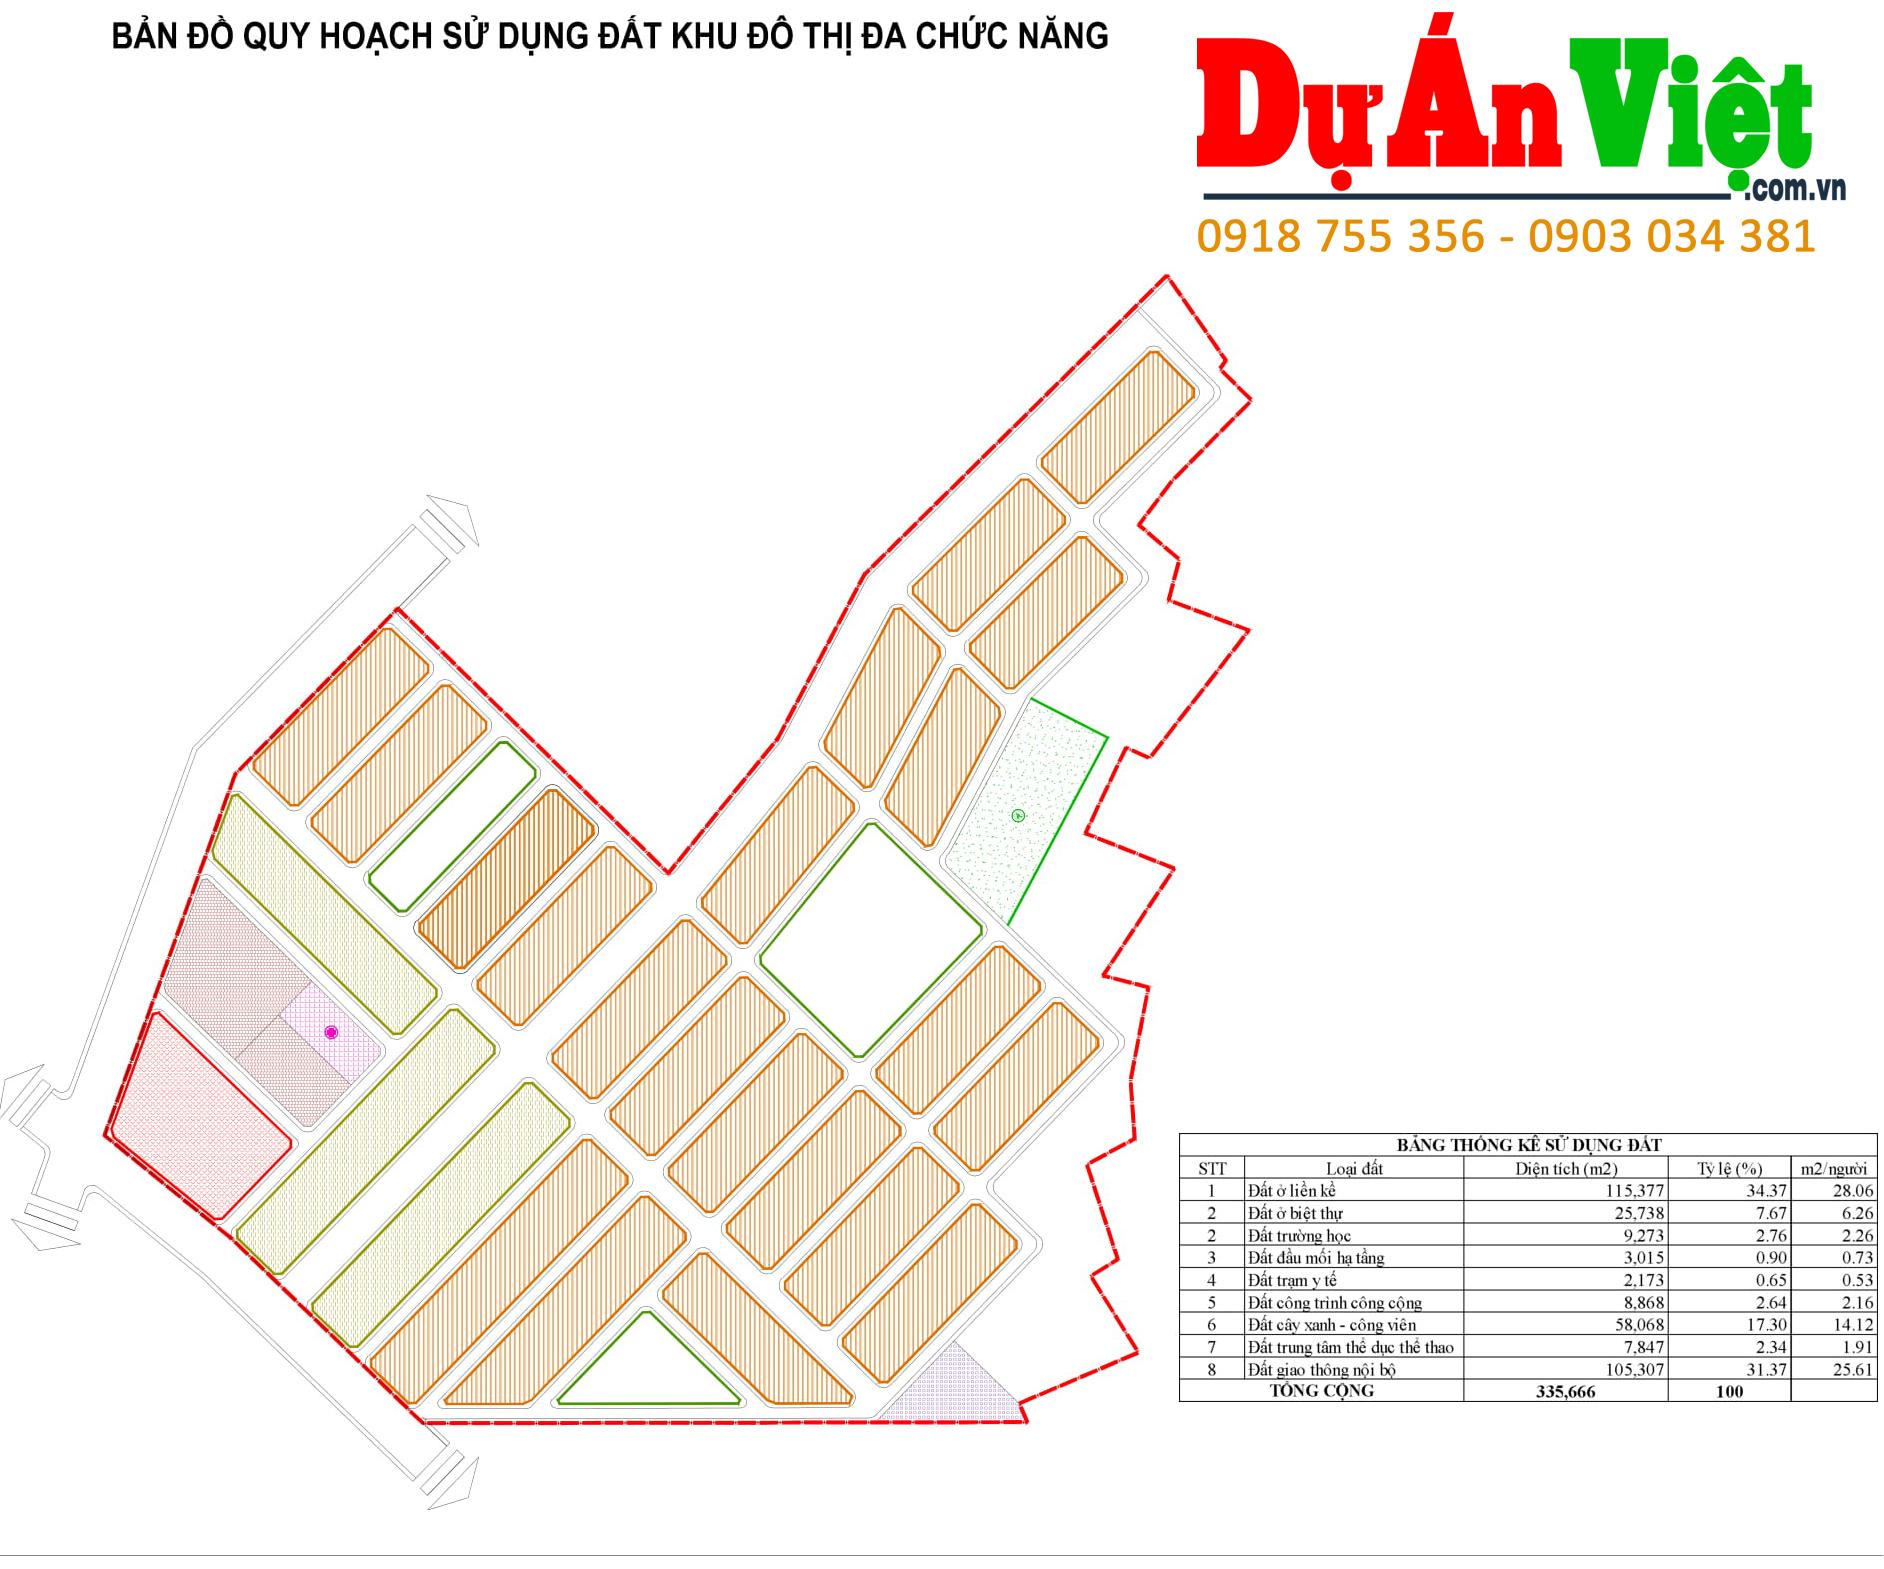 Thiết kế quy hoạch: Bản đồ Quy hoạch Sử dụng đất Khu đô thị đa chức năng